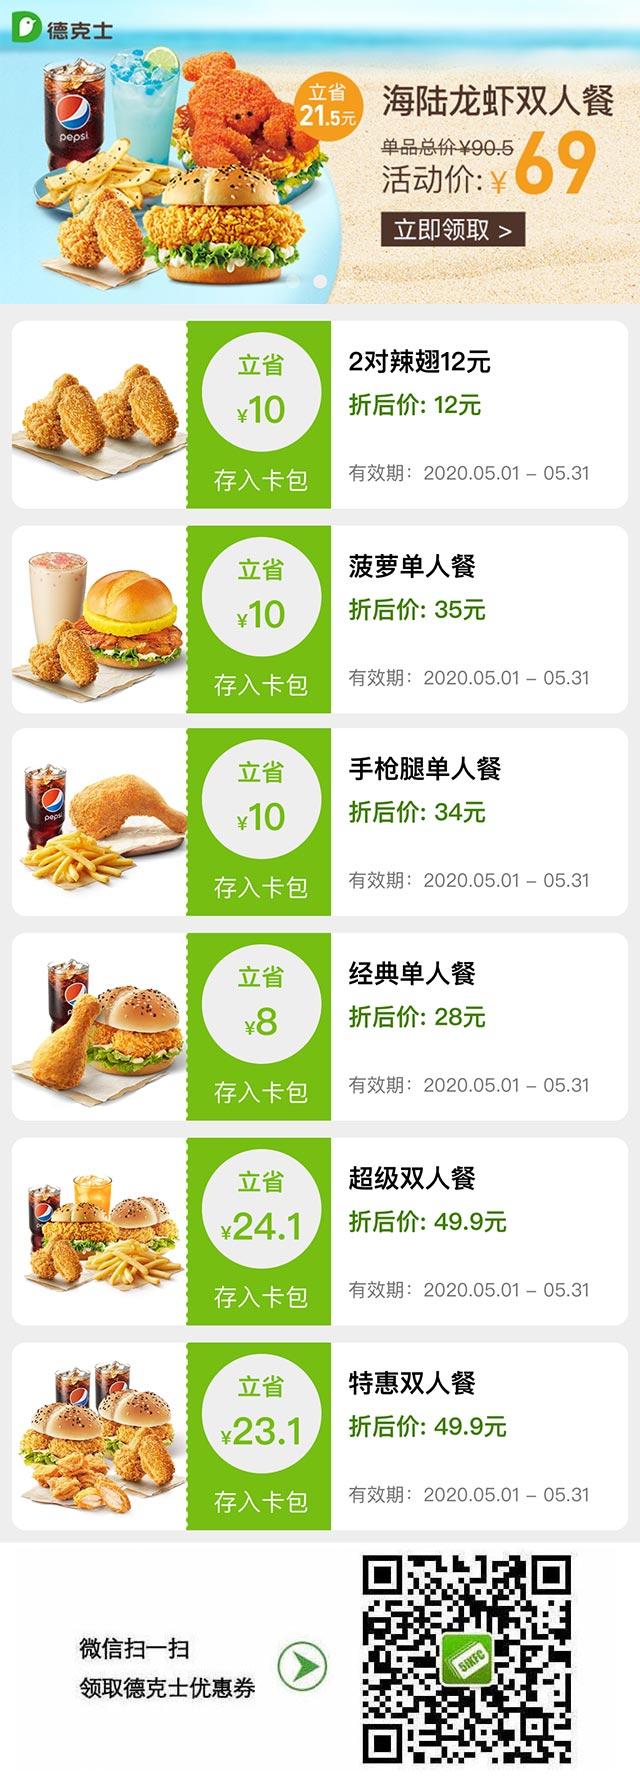 德克士单/双人套餐优惠券2020年5月单人餐28元起,双人餐49.9元起